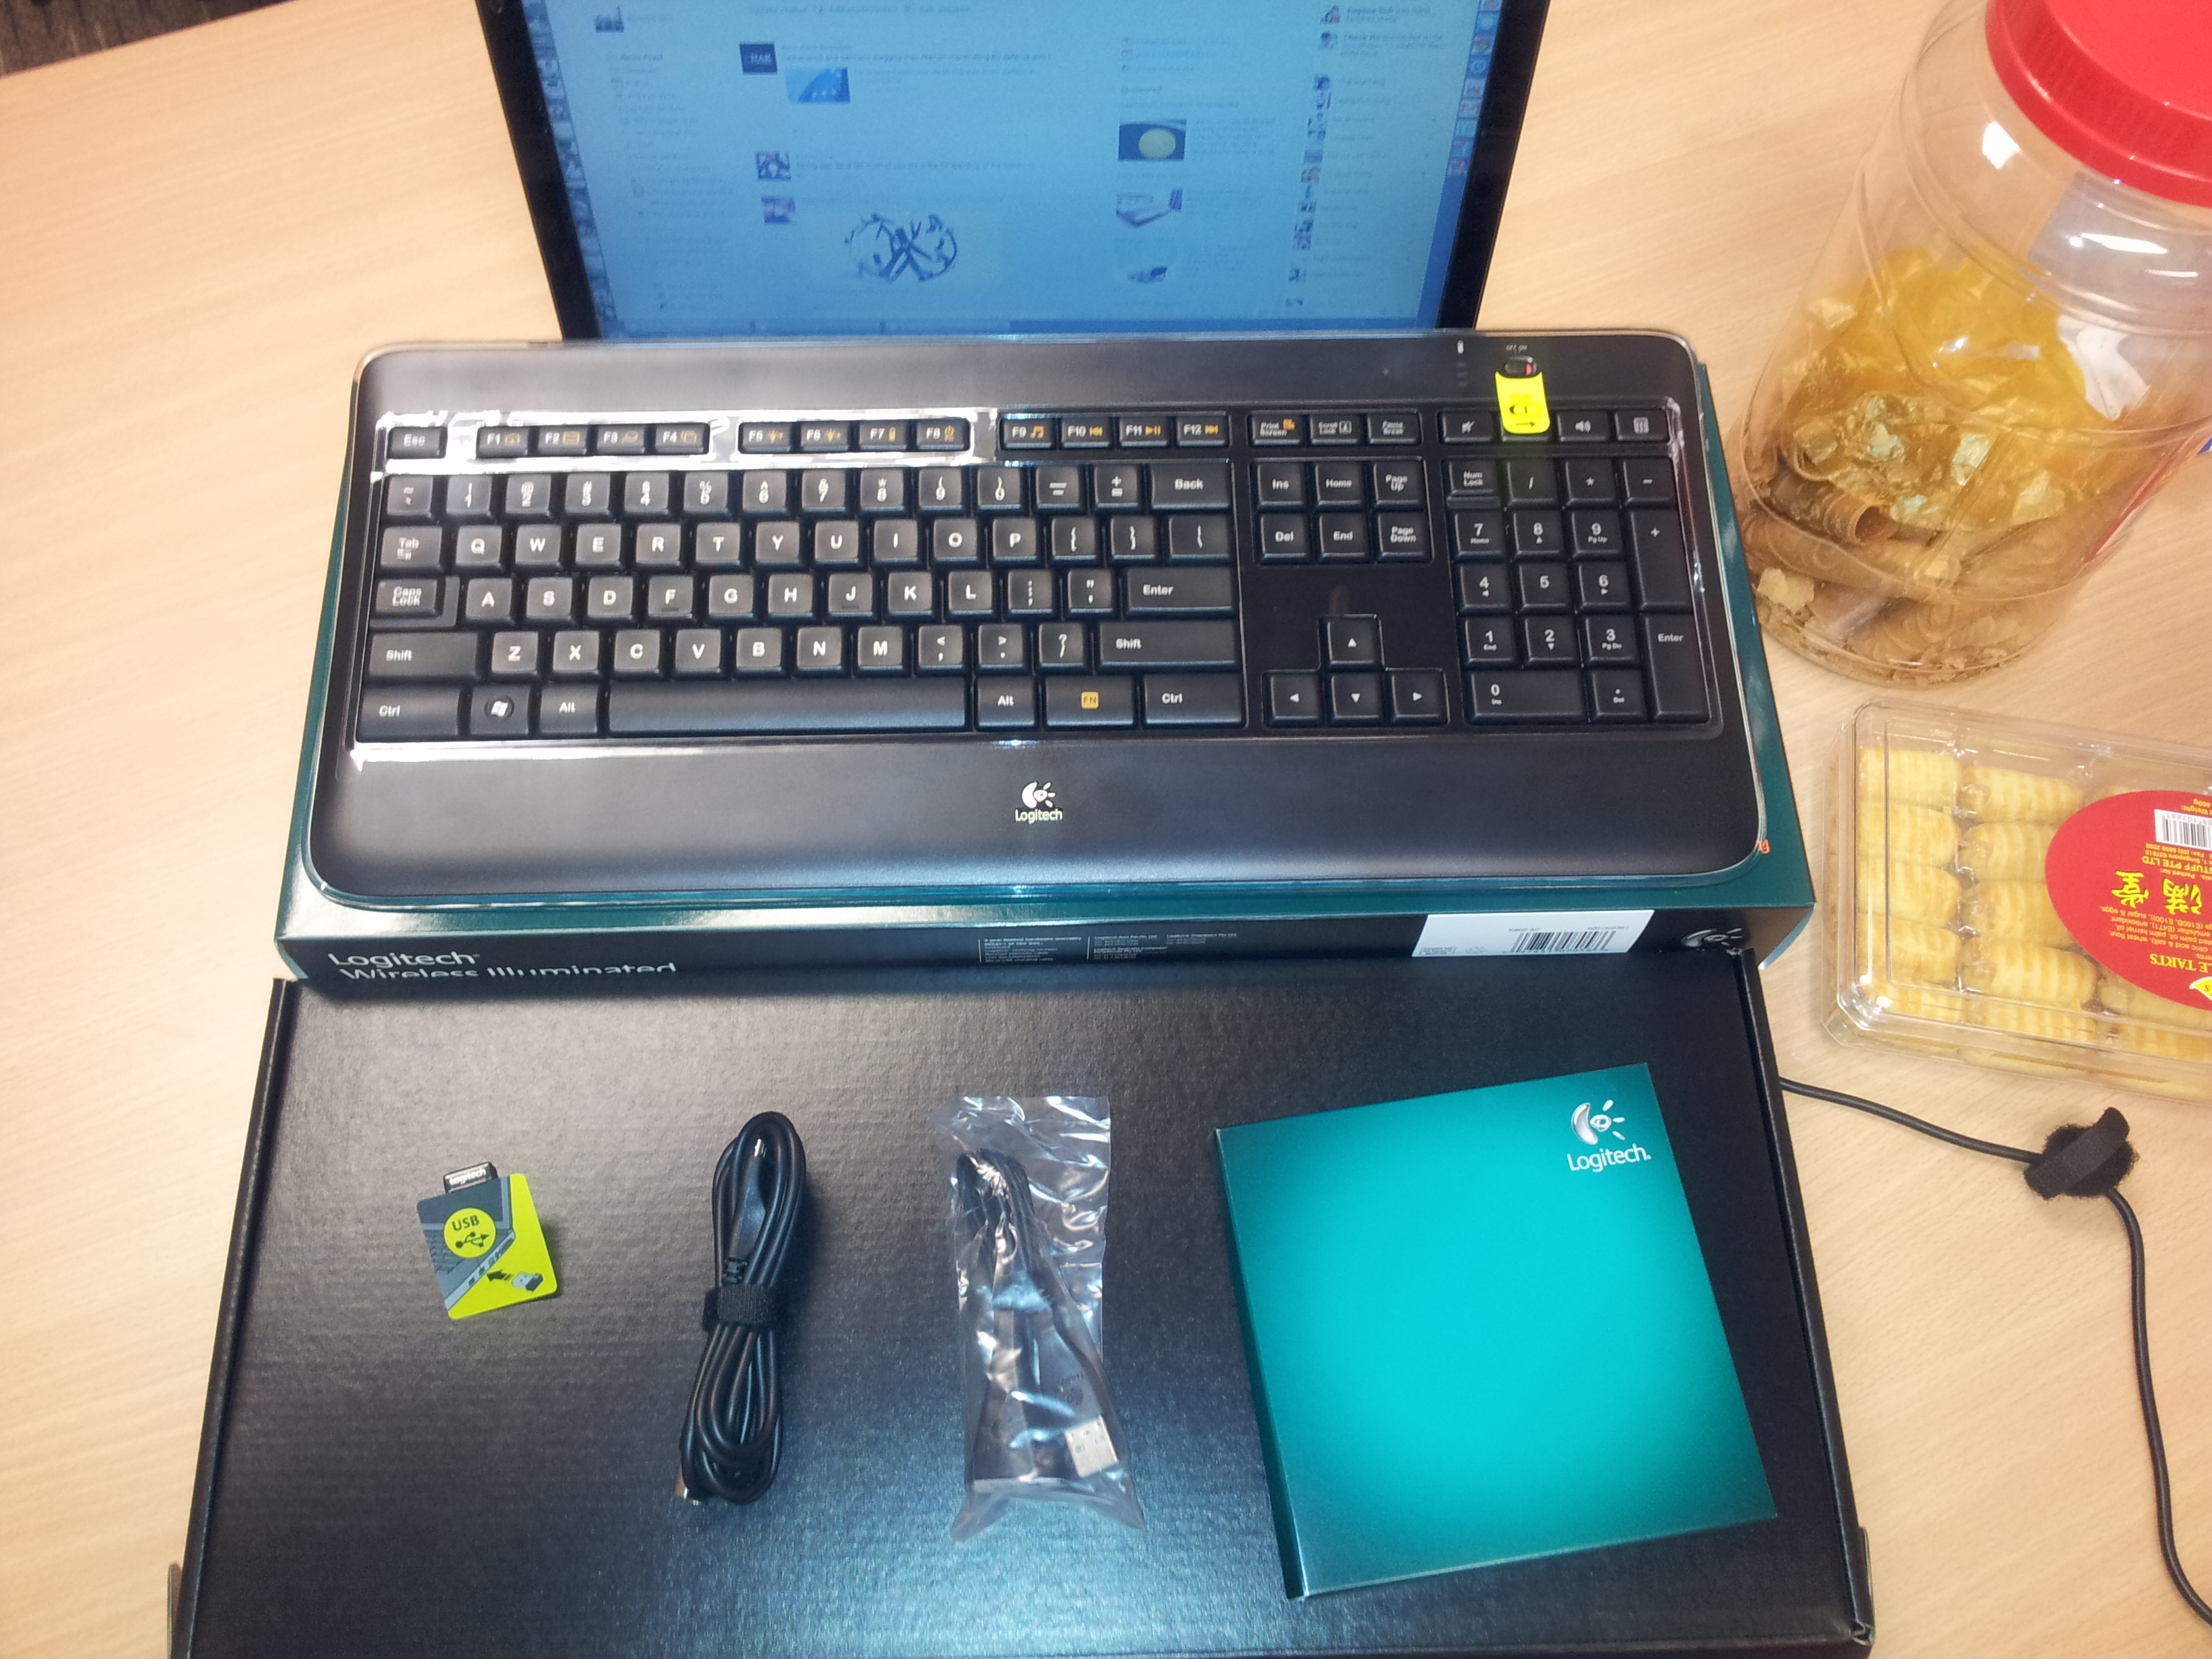 [Product Review] Logitech® Wireless Illuminated Keyboard K800